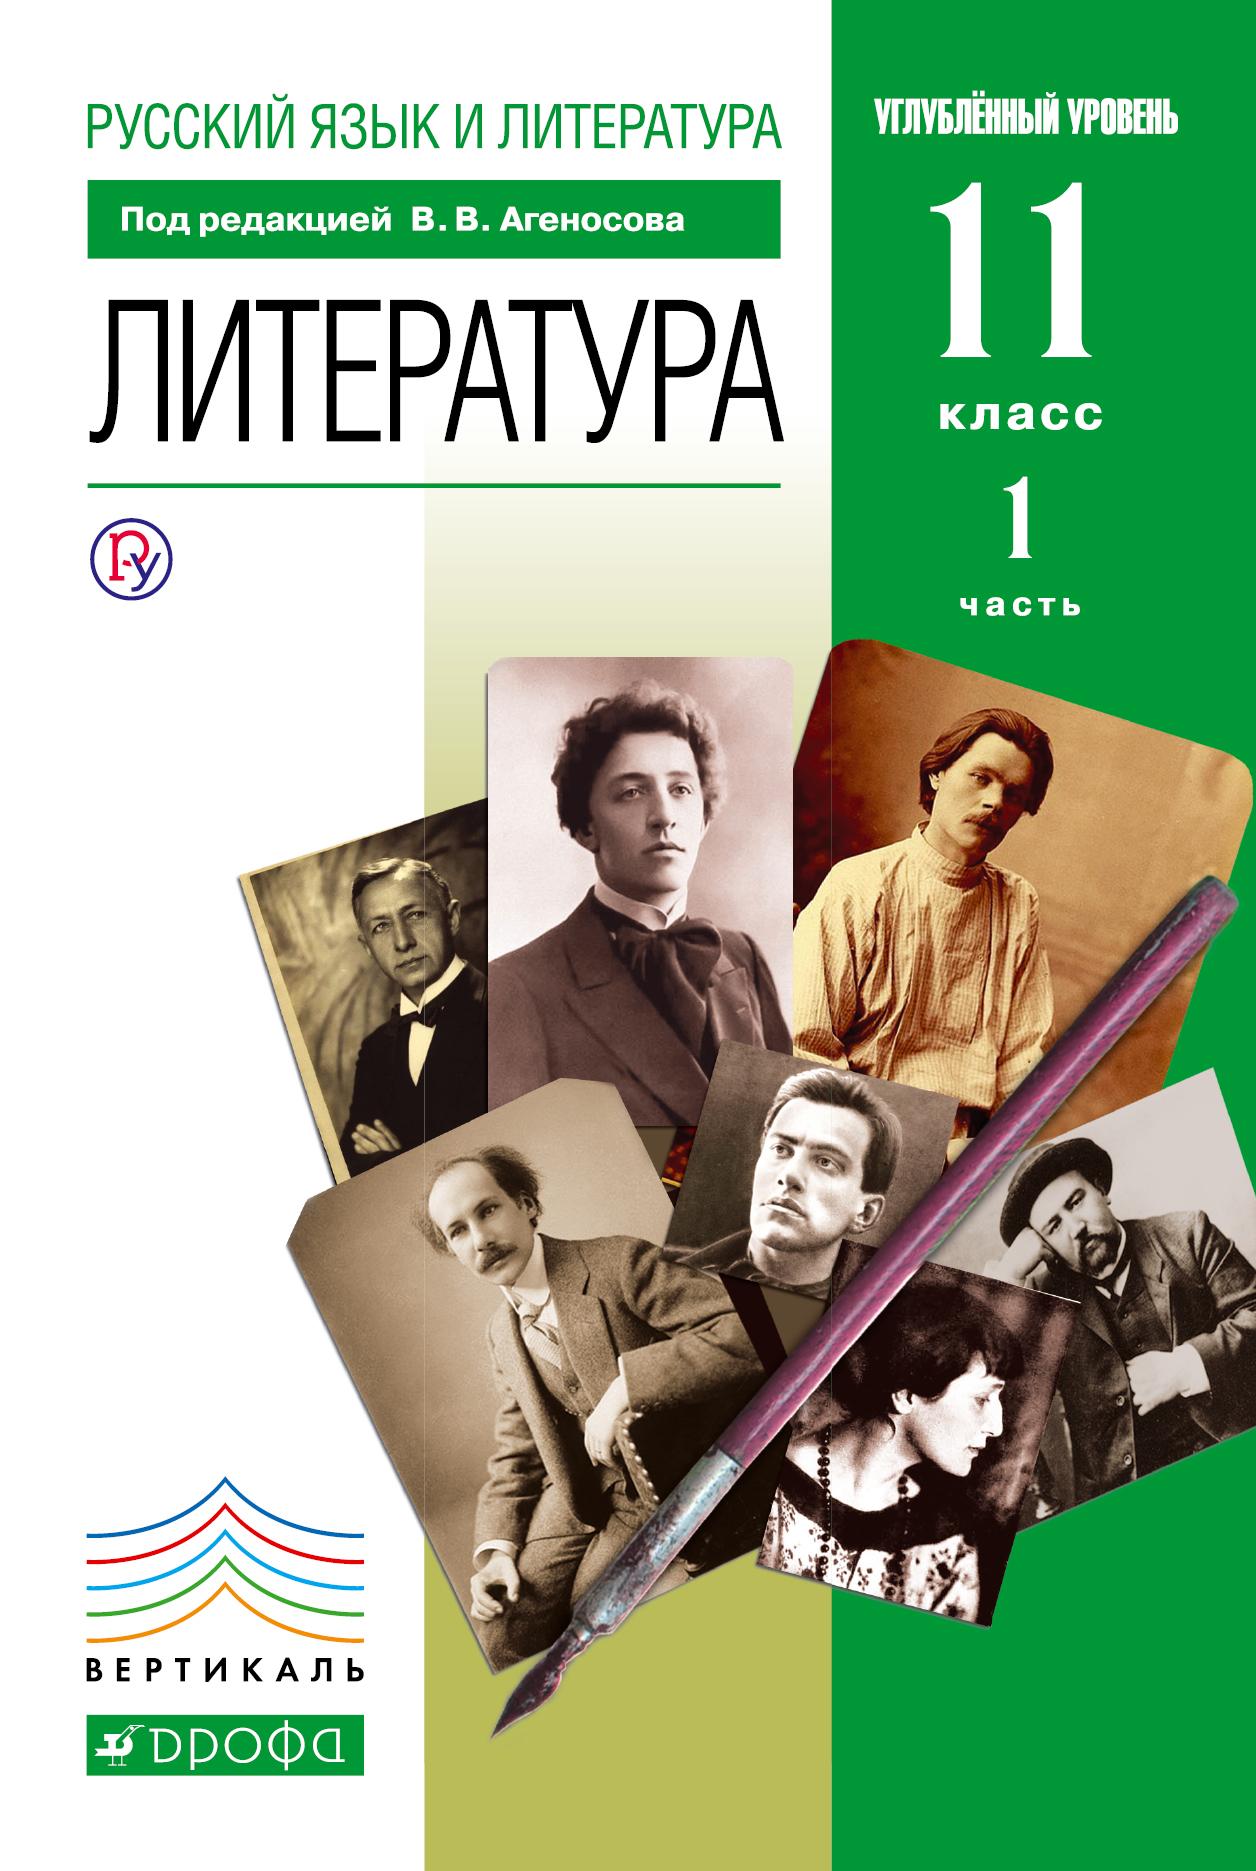 Русский язык и литература. Литература. Углубленный уровень. 11 класс. Хрестоматия ( Агеносов В.В.  )